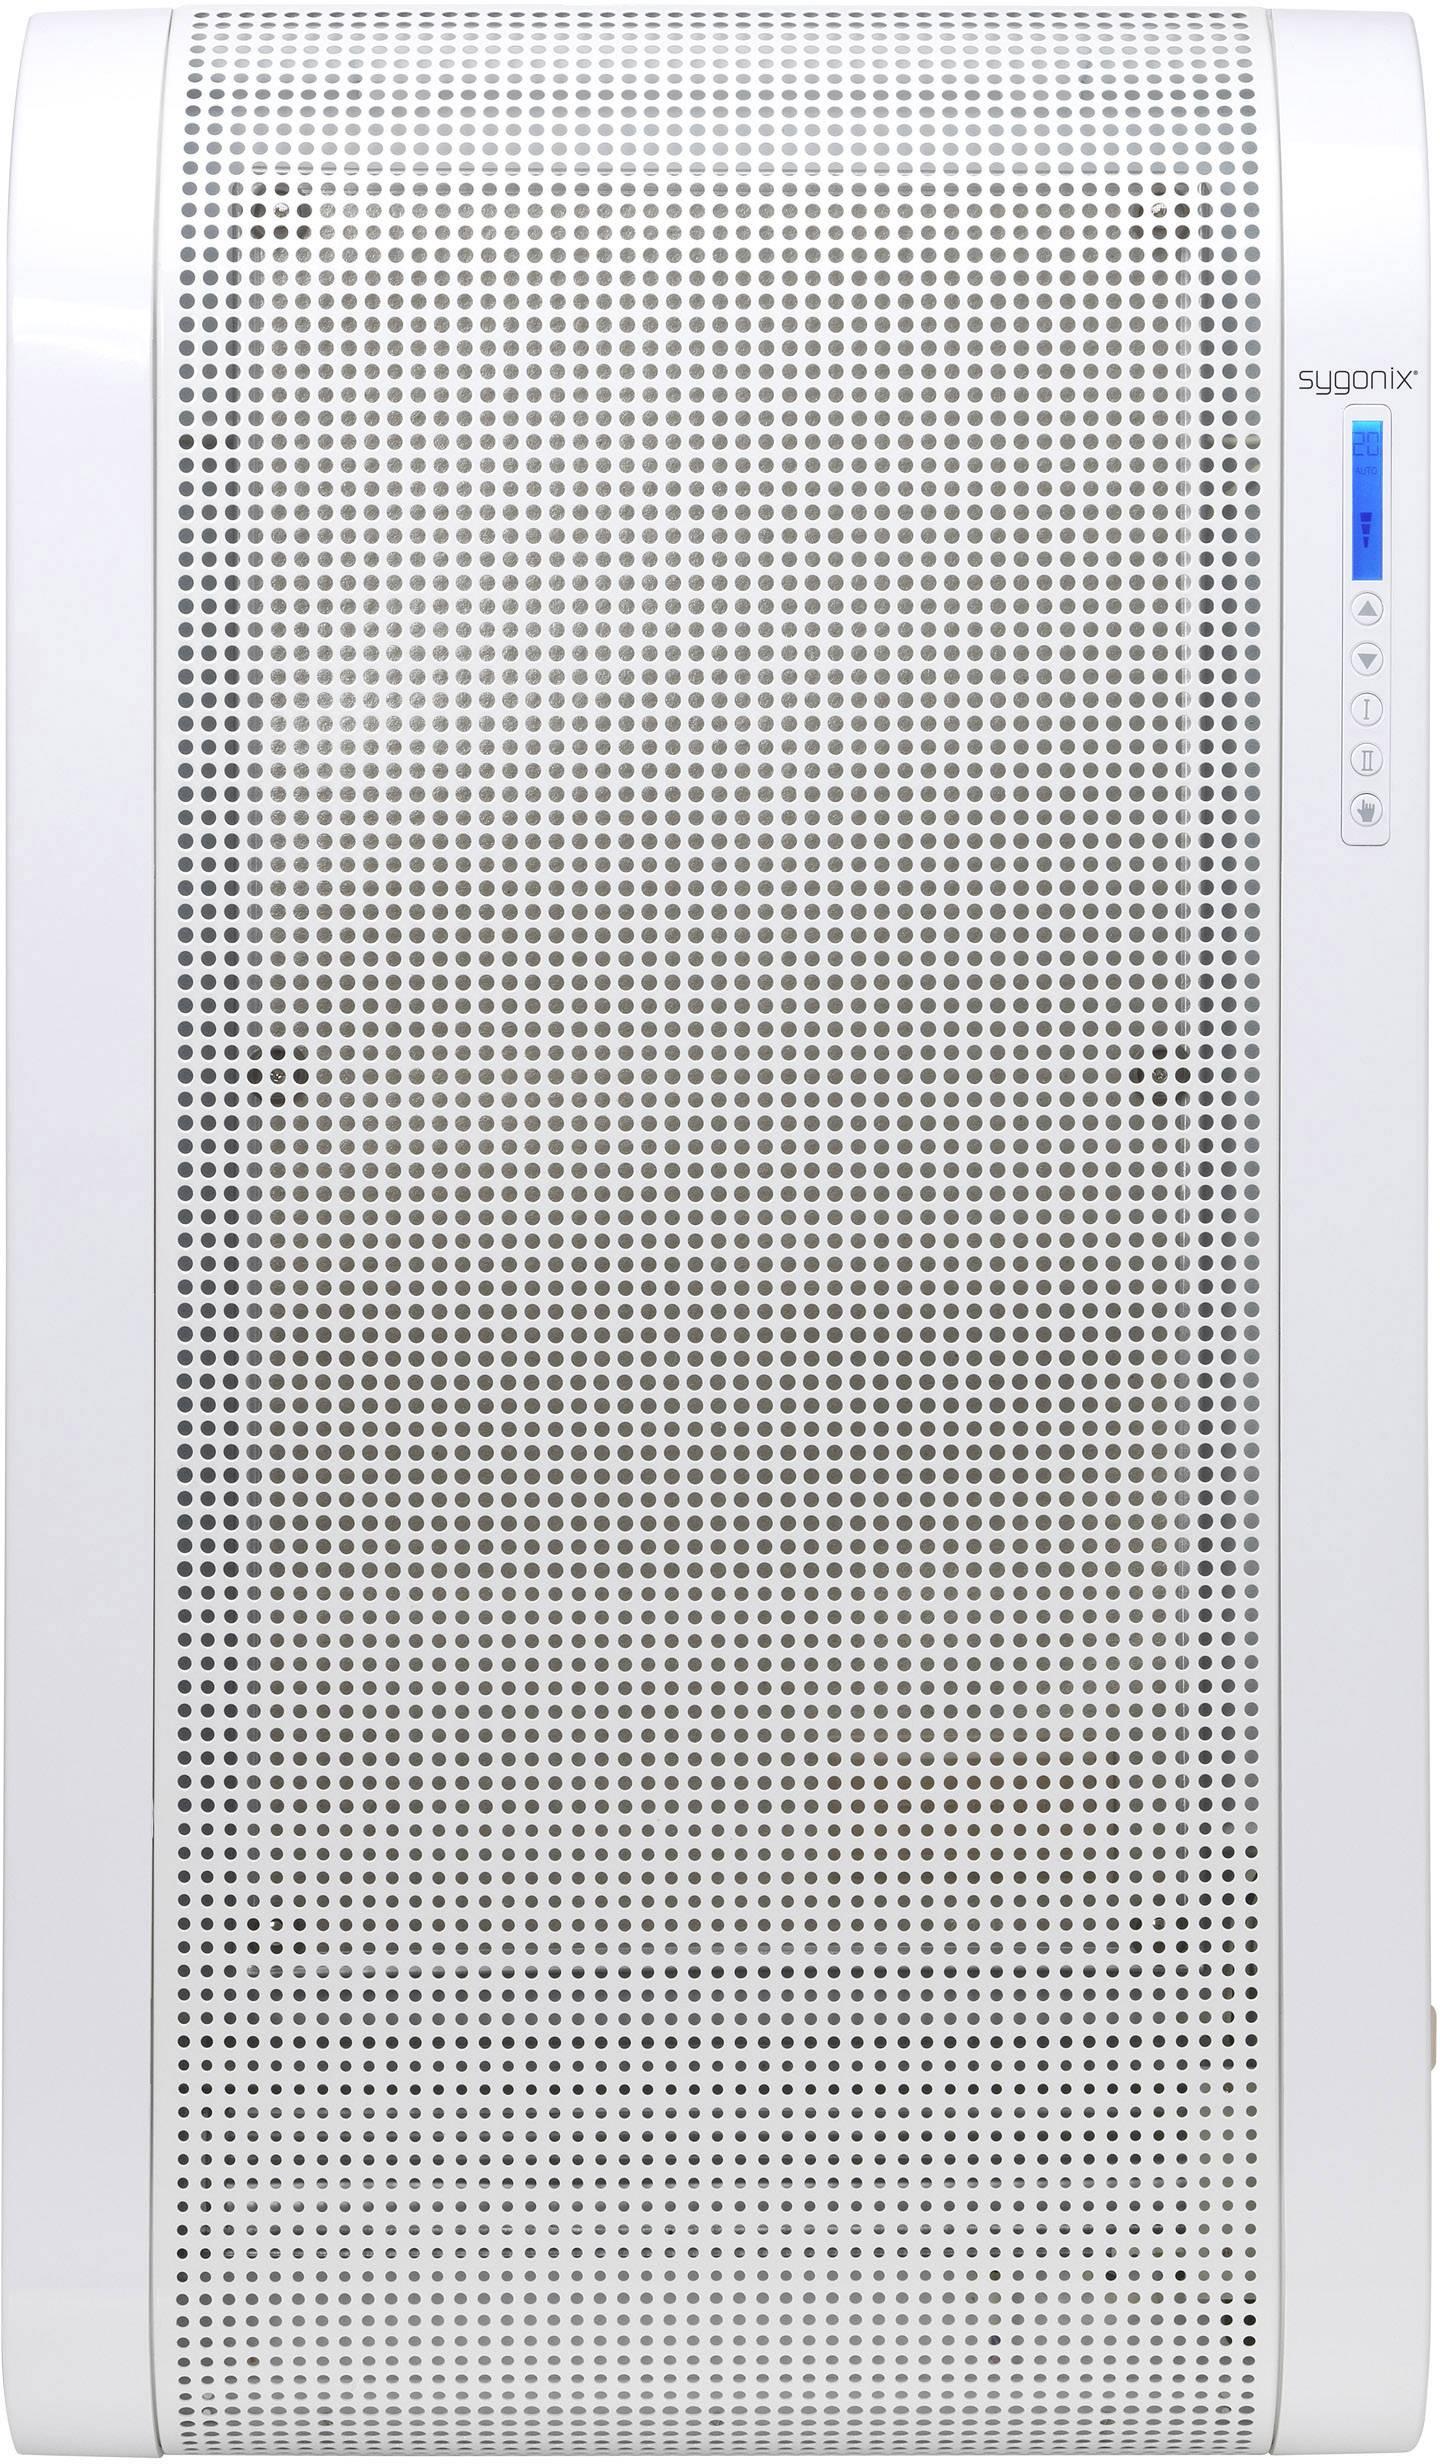 Nástěnné infračervené topení Sygonix FV1115, 20 m², 1500 W, bílá